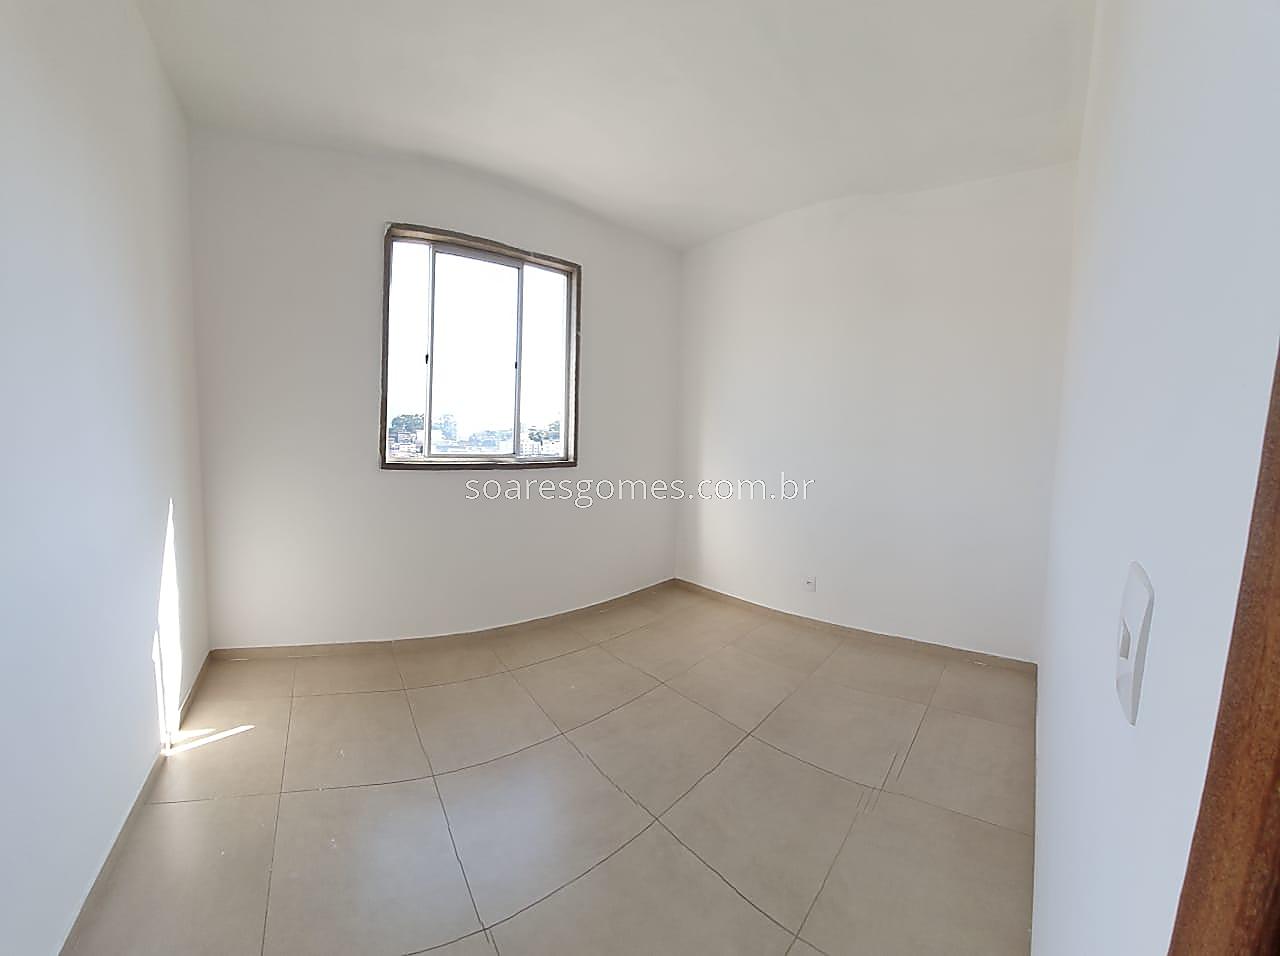 Apartamento para Alugar em Santa Luzia, Juiz de Fora - MG - Foto 3